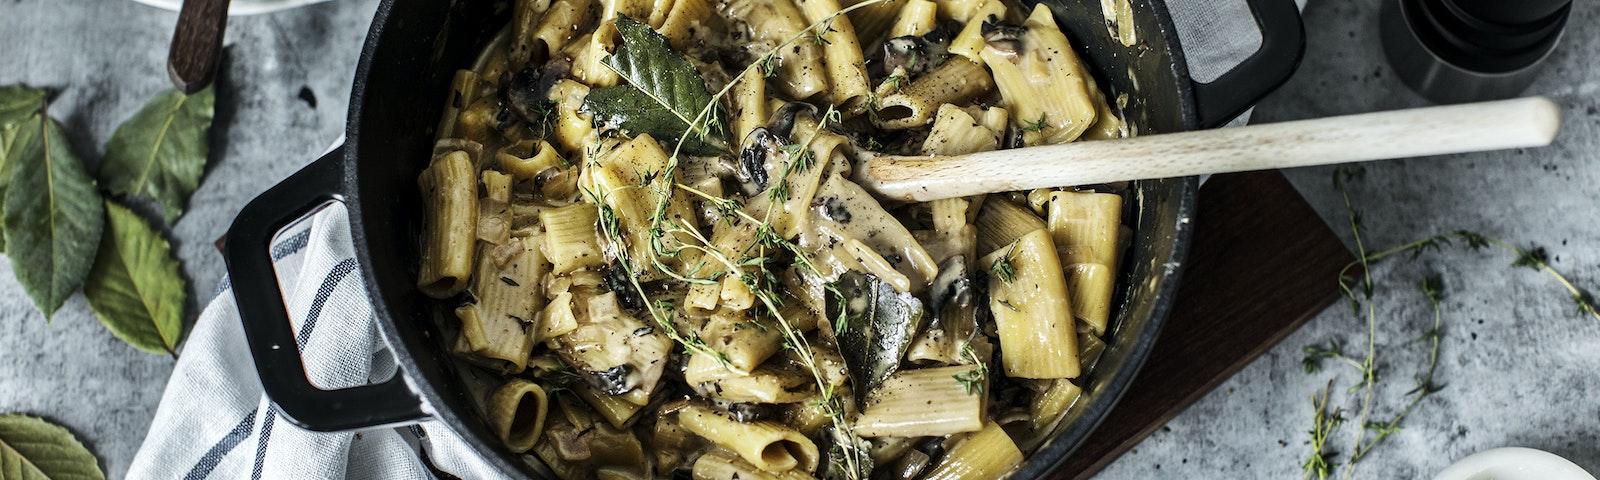 Alt i en gryde - Pasta med løg og champignon